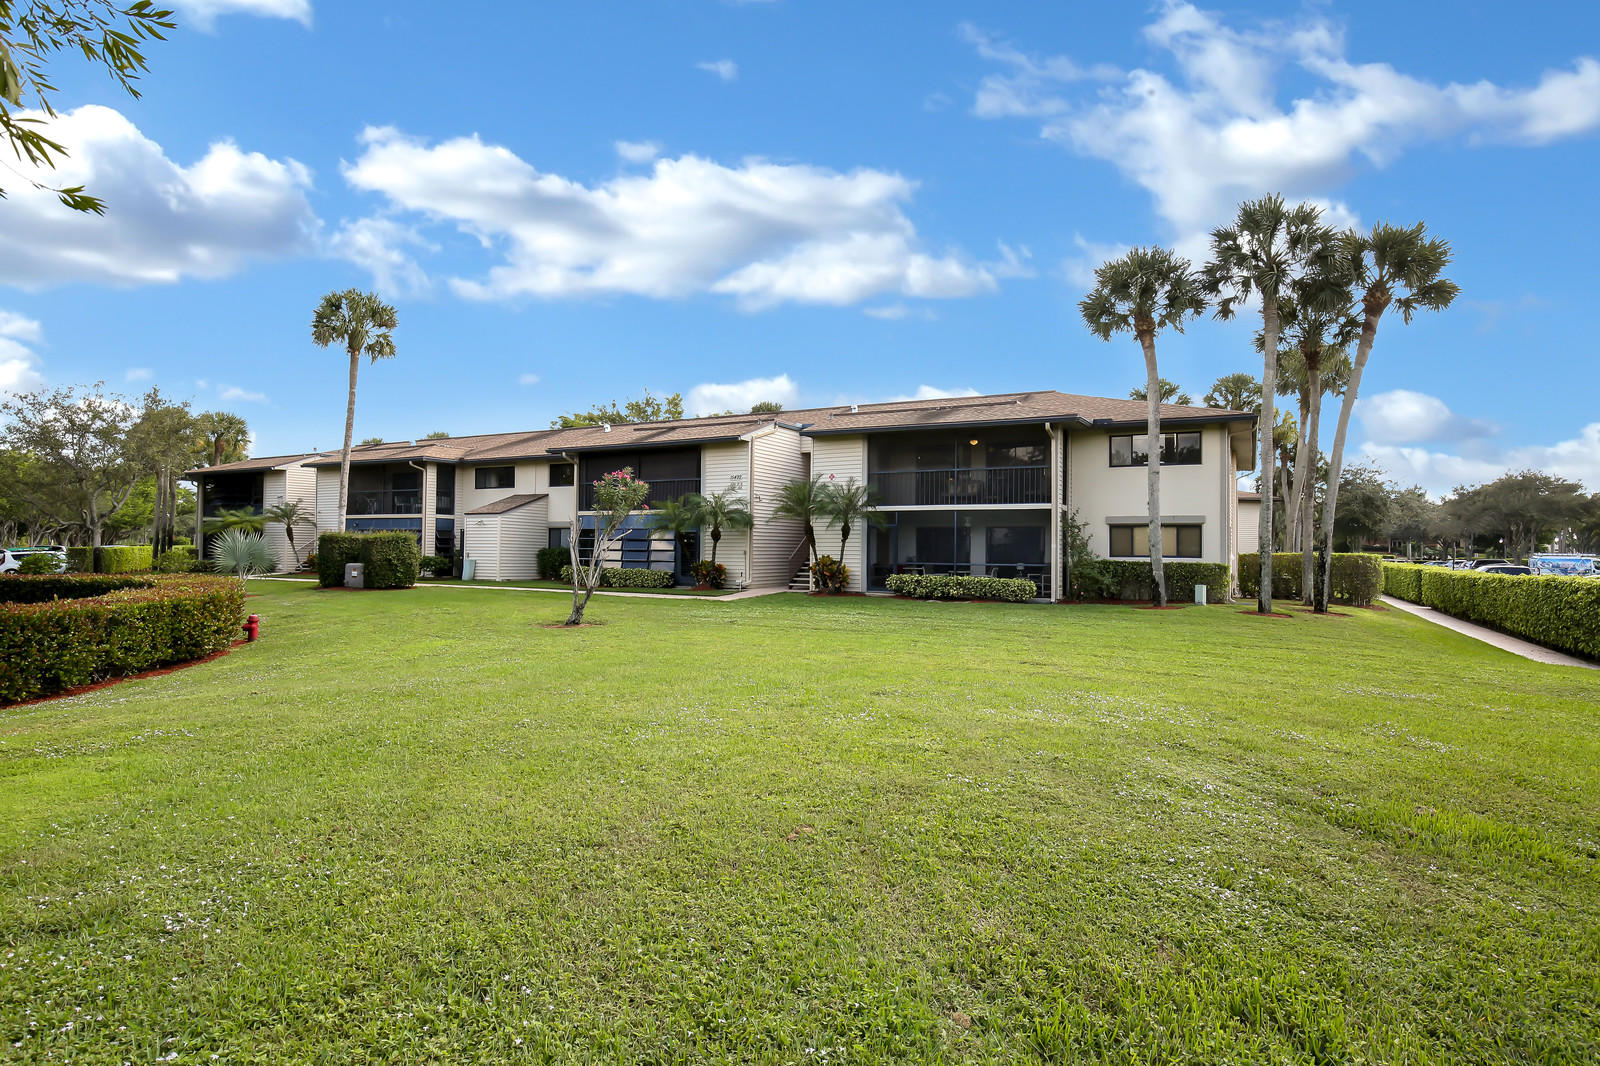 15492 Lakes Of Delray Boulevard 207  Delray Beach, FL 33484